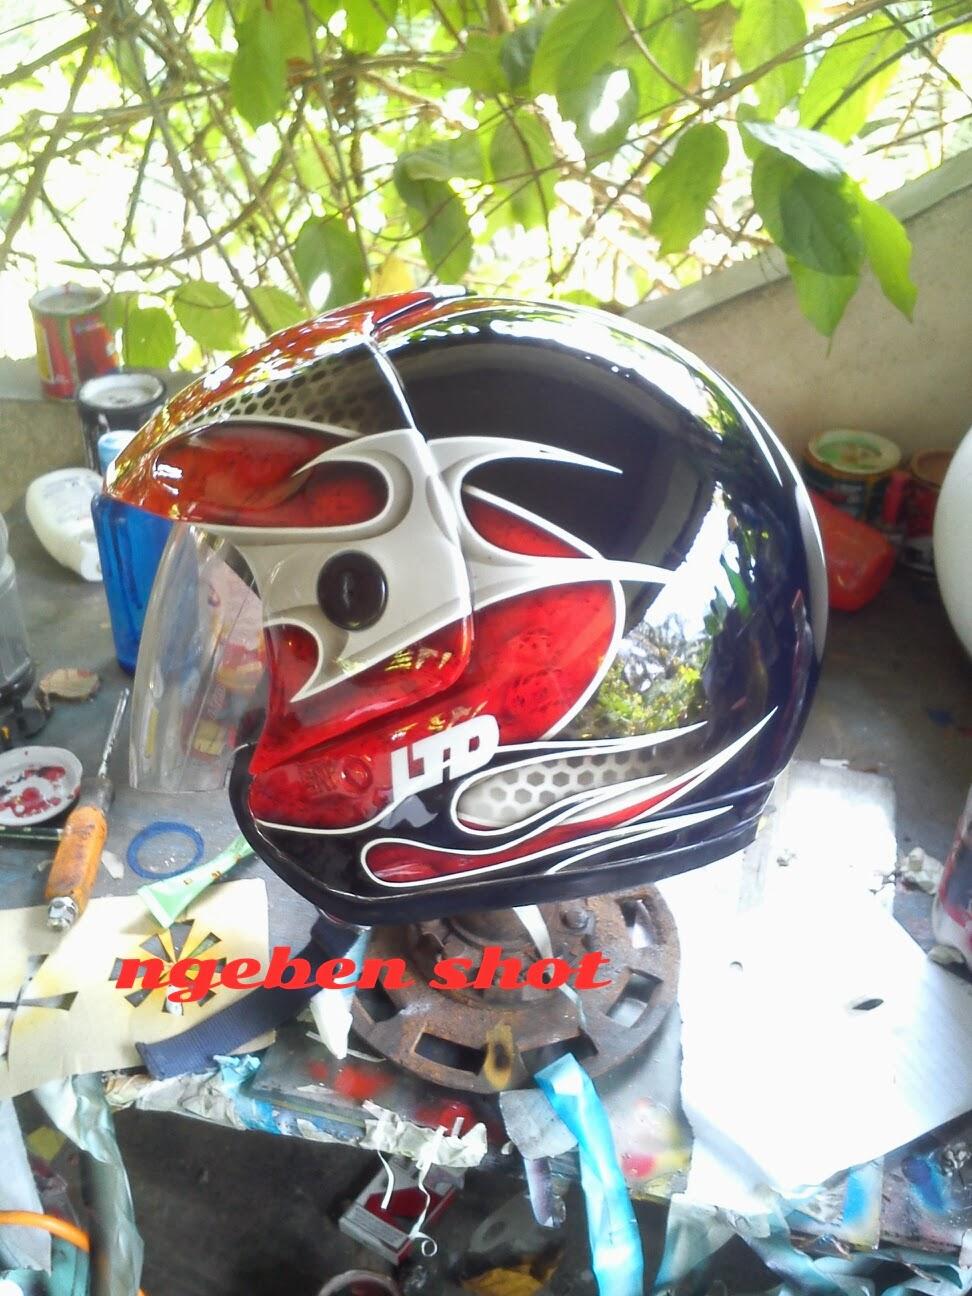 Gambar Helm Airbrush Ltd